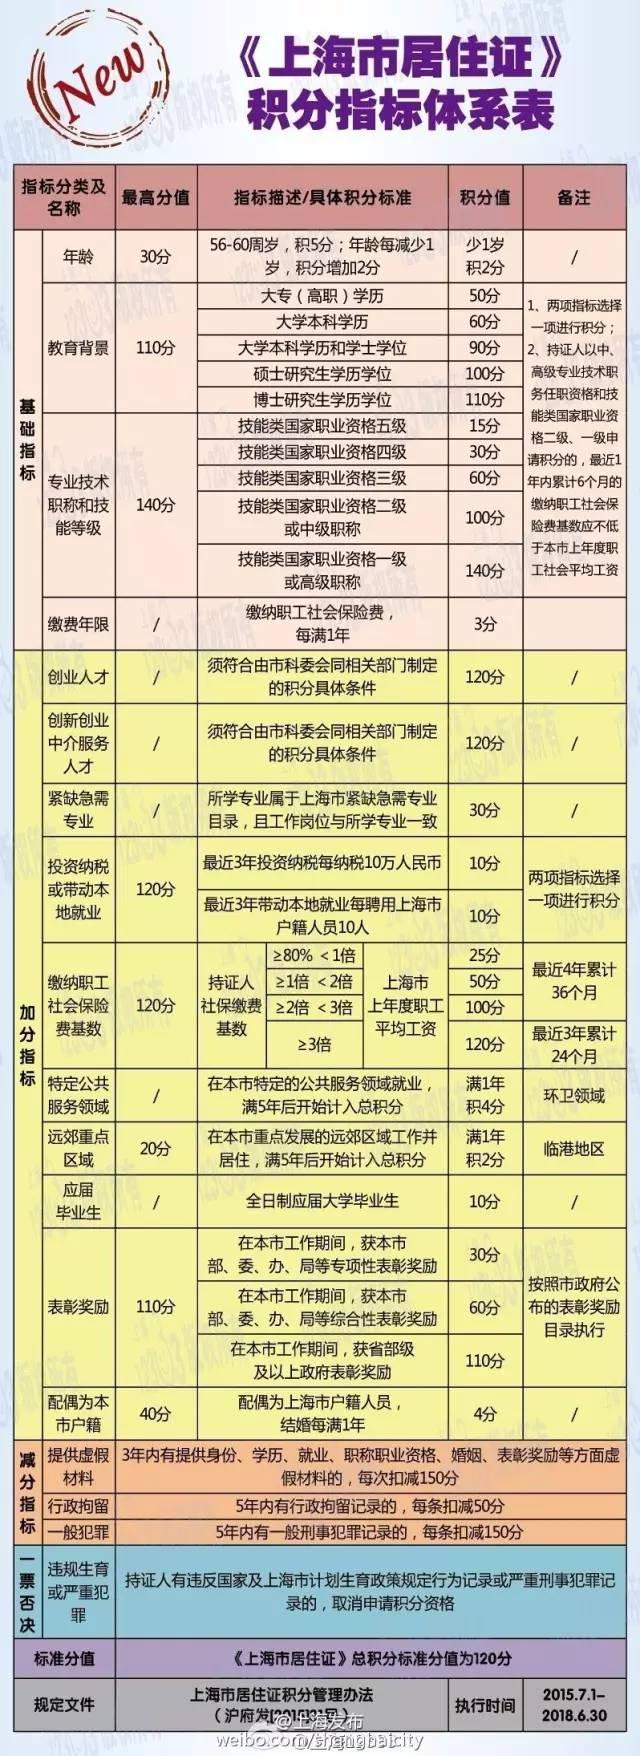 各类人员落户上海全攻略(2017版)